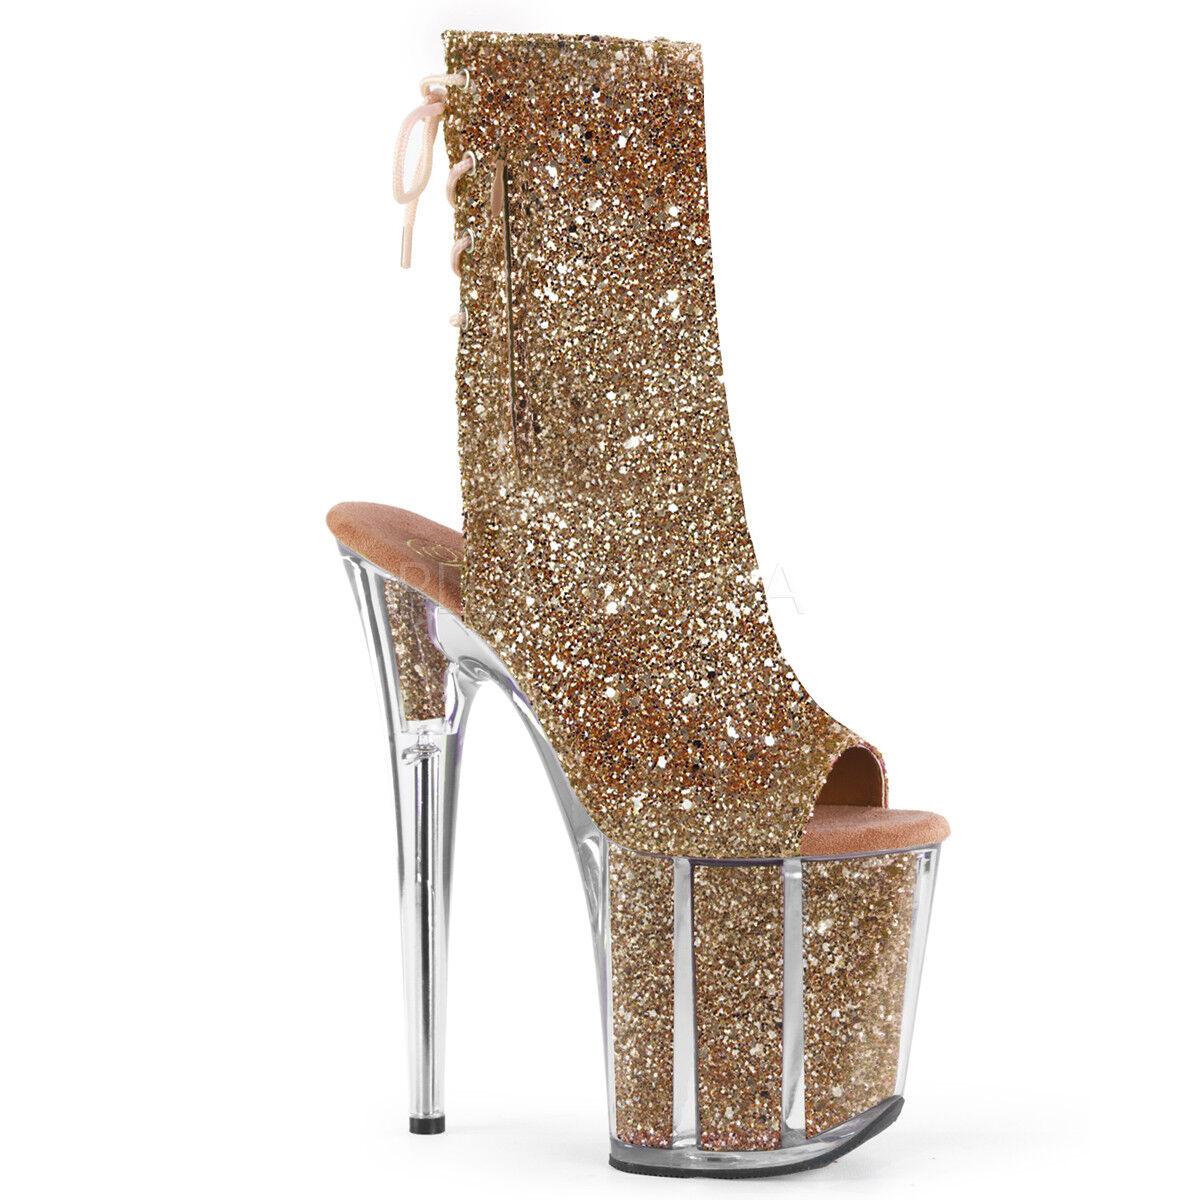 tutti i prodotti ottengono fino al 34% di sconto Pleaser Pleaser Pleaser FLAMINGO-1018G Donna  rosa oro Glitter Back Laced Ankle Mid-Calf avvio  negozio di vendita outlet